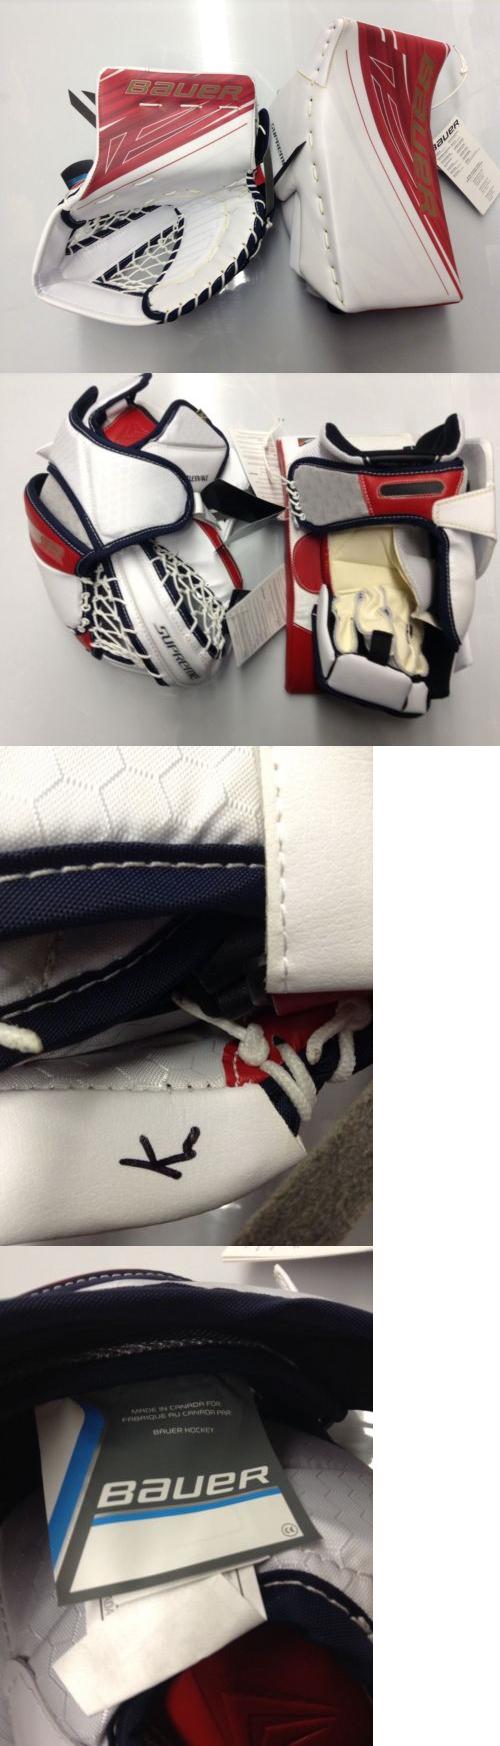 Gloves 20853: Bauer Supreme 1S Goalie Catcher And Blocker